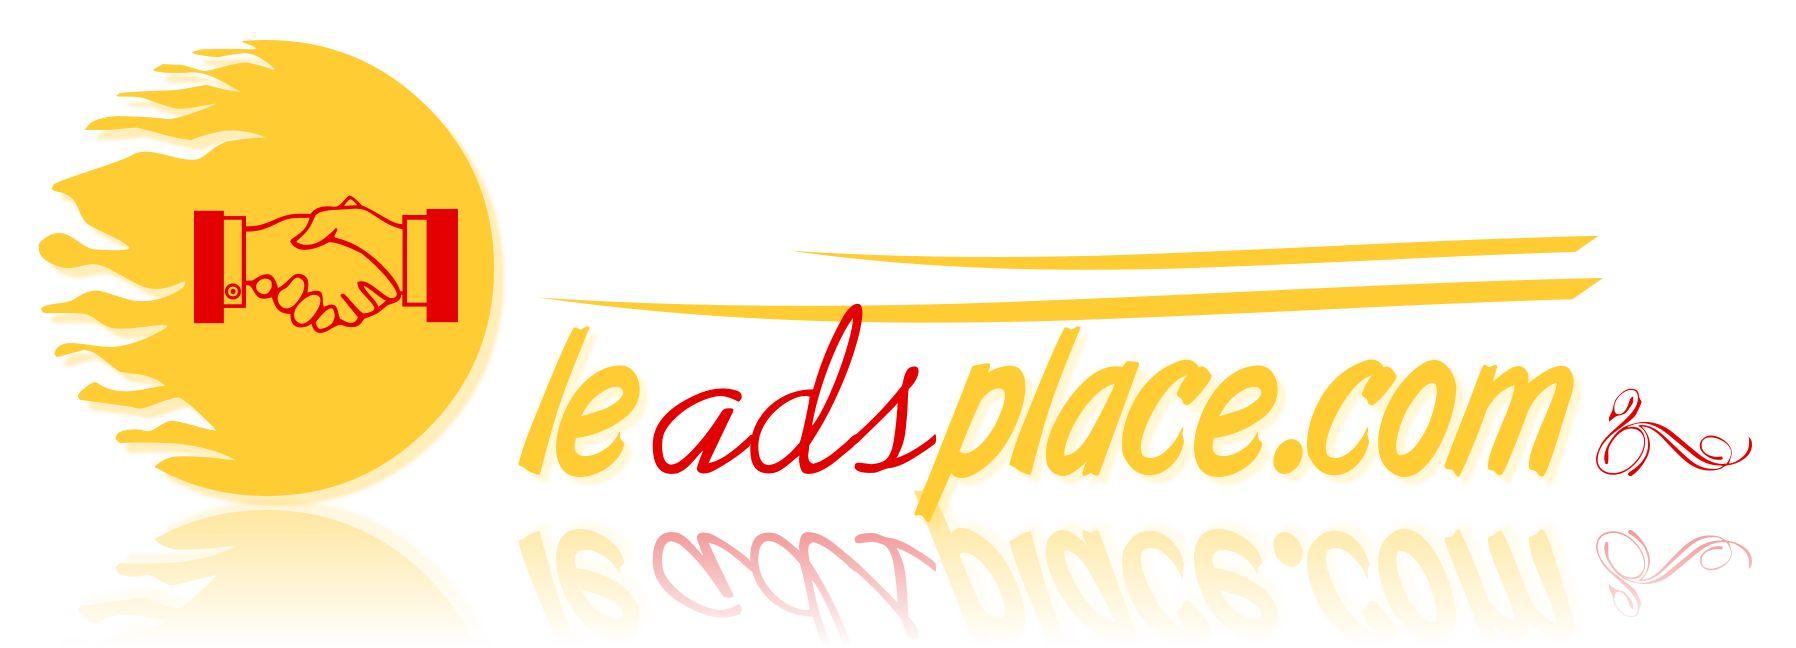 leadsplace.com - логотип - дизайнер BeSSpaloFF